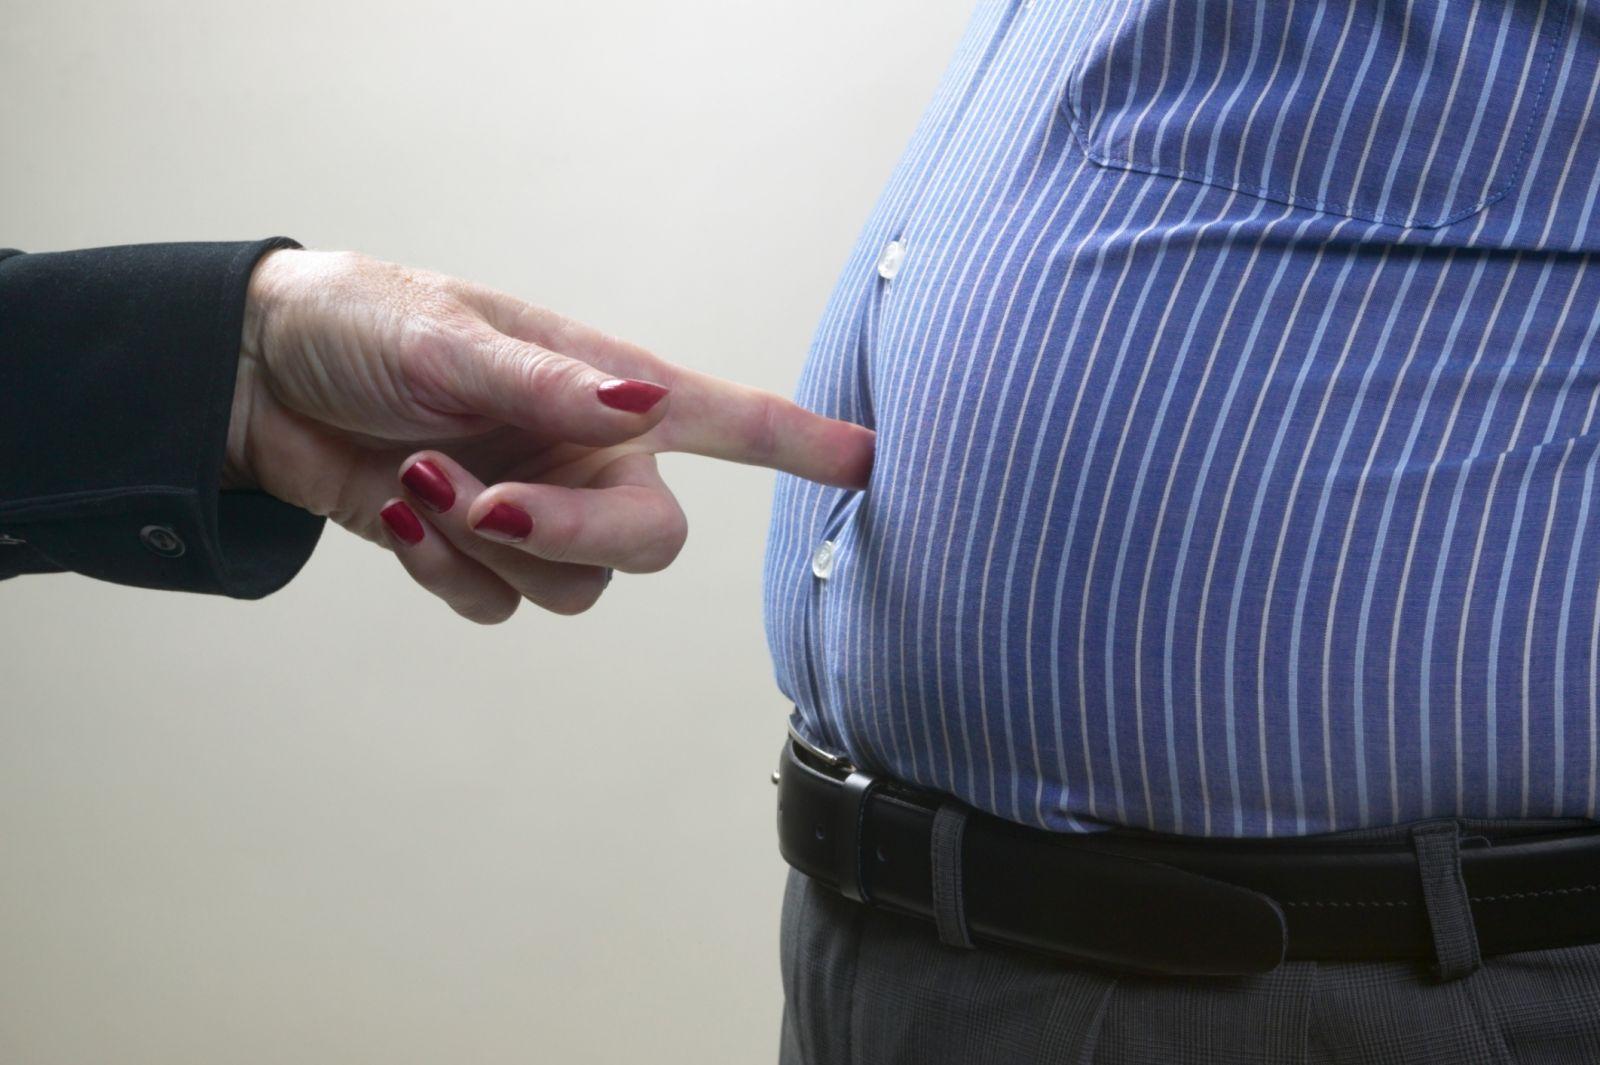 Béo bụng khiến nam giới giảm phong độ